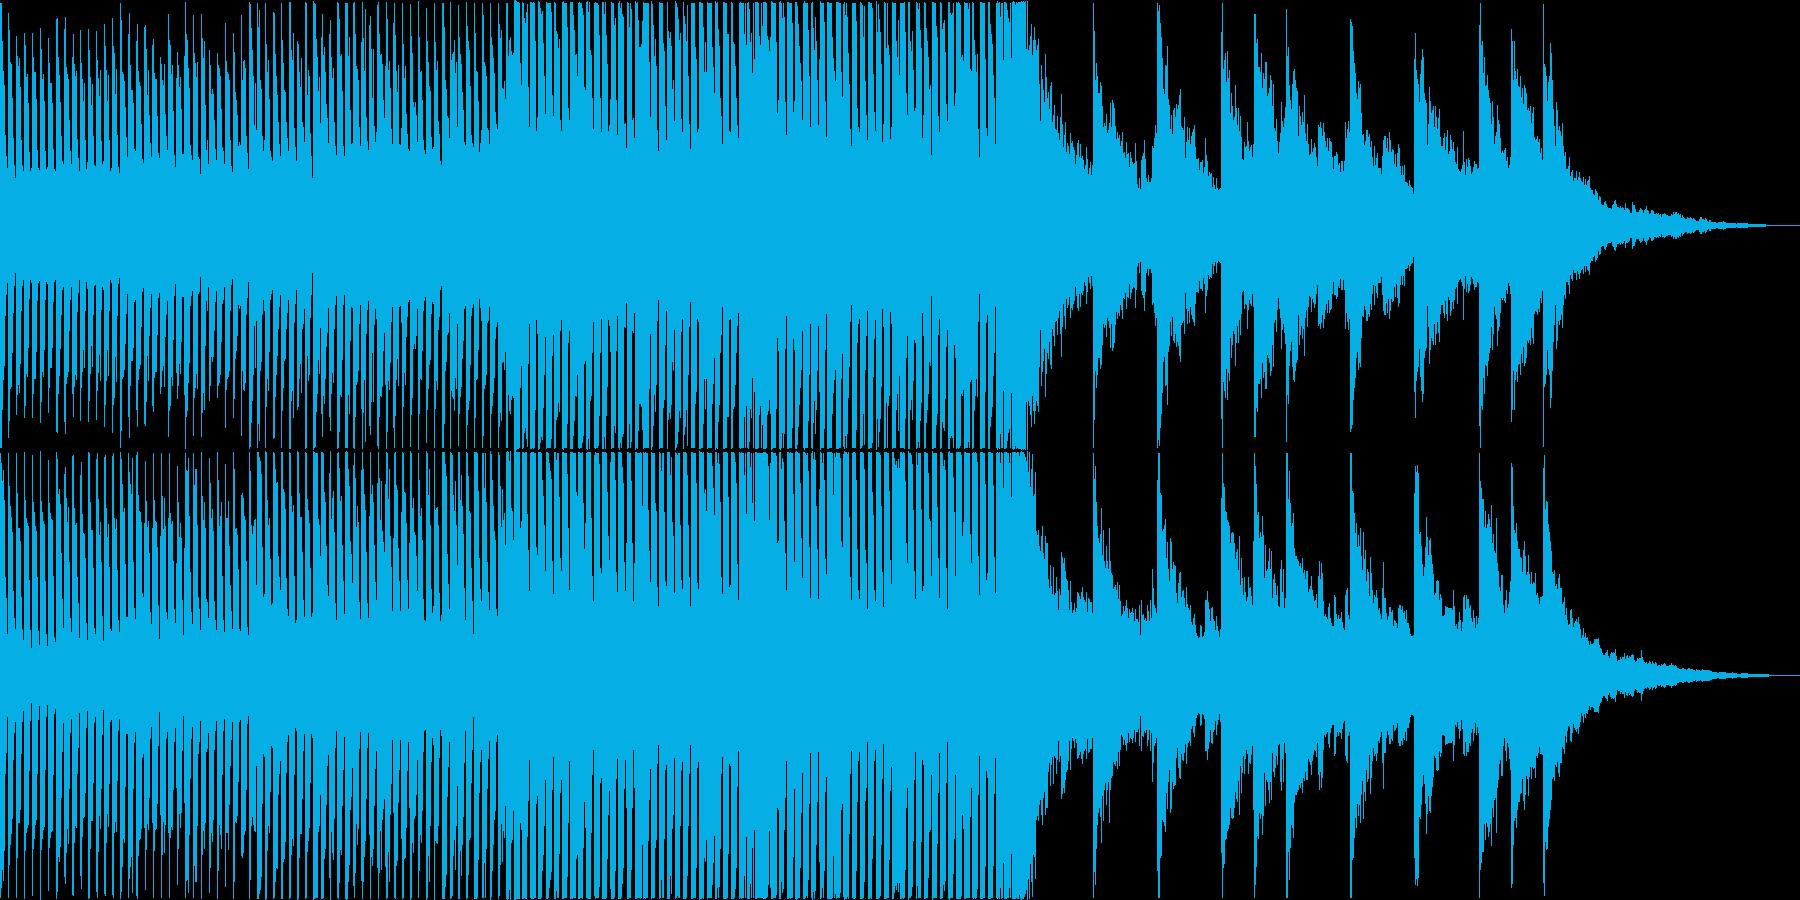 ハッピー・かわいい系㏚映像向けポップスの再生済みの波形